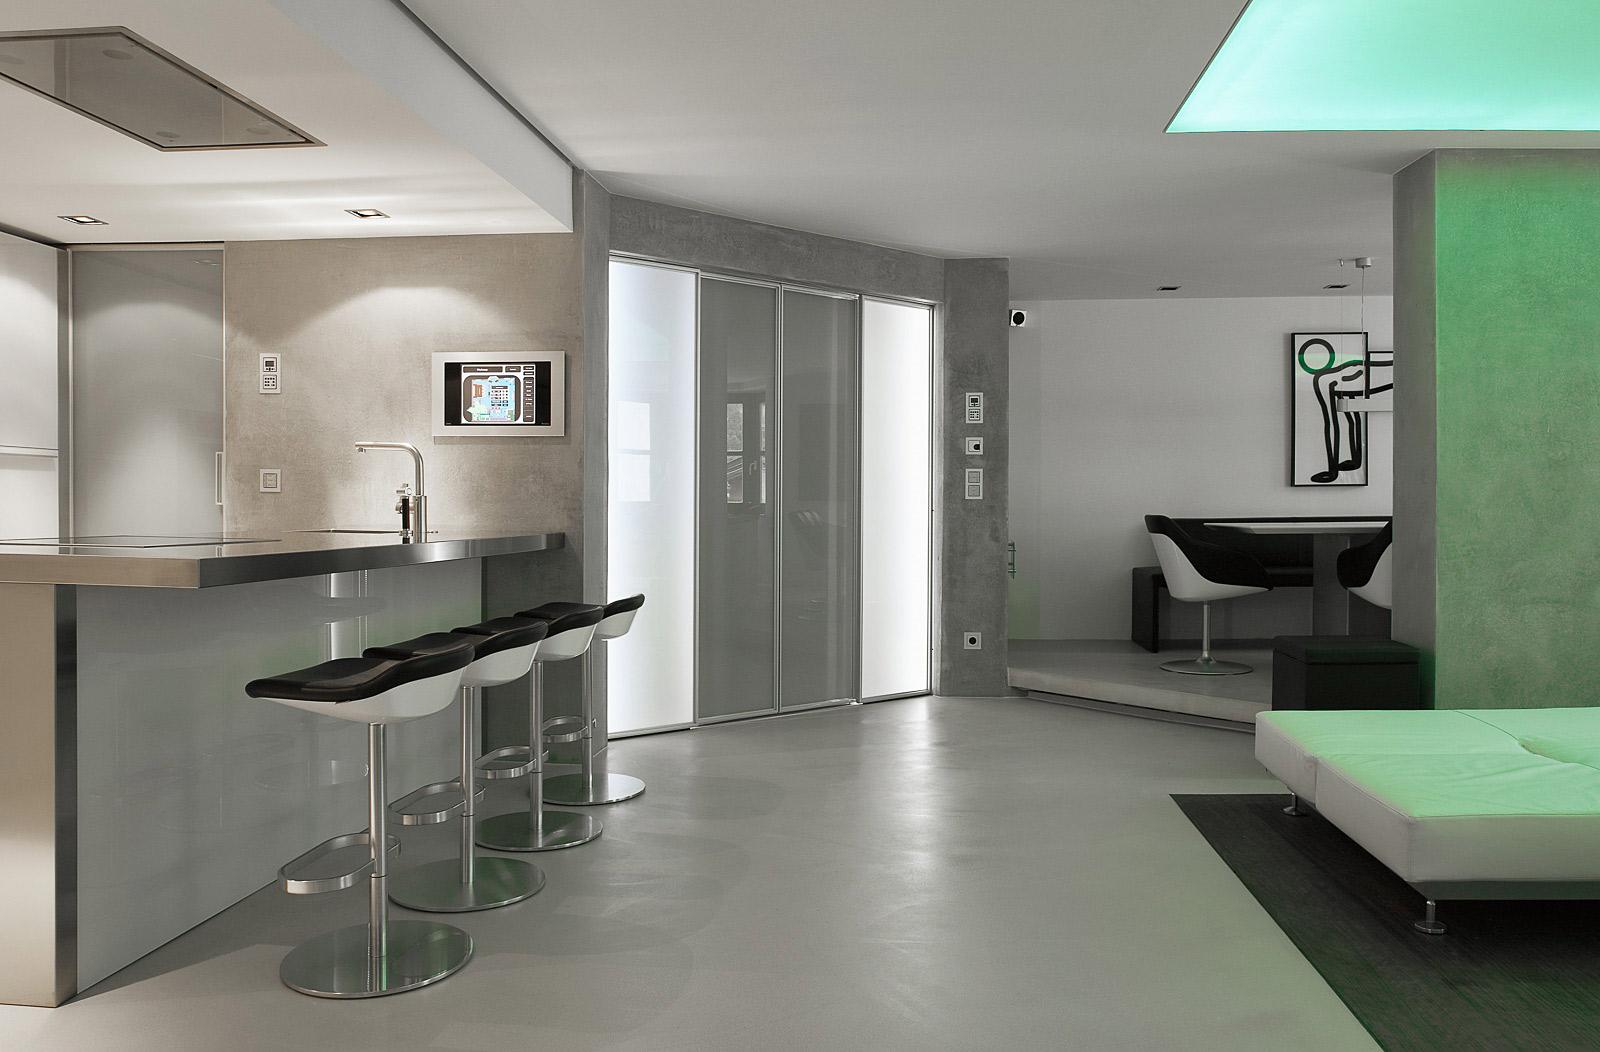 Küche mit beleuchteten Elementen,